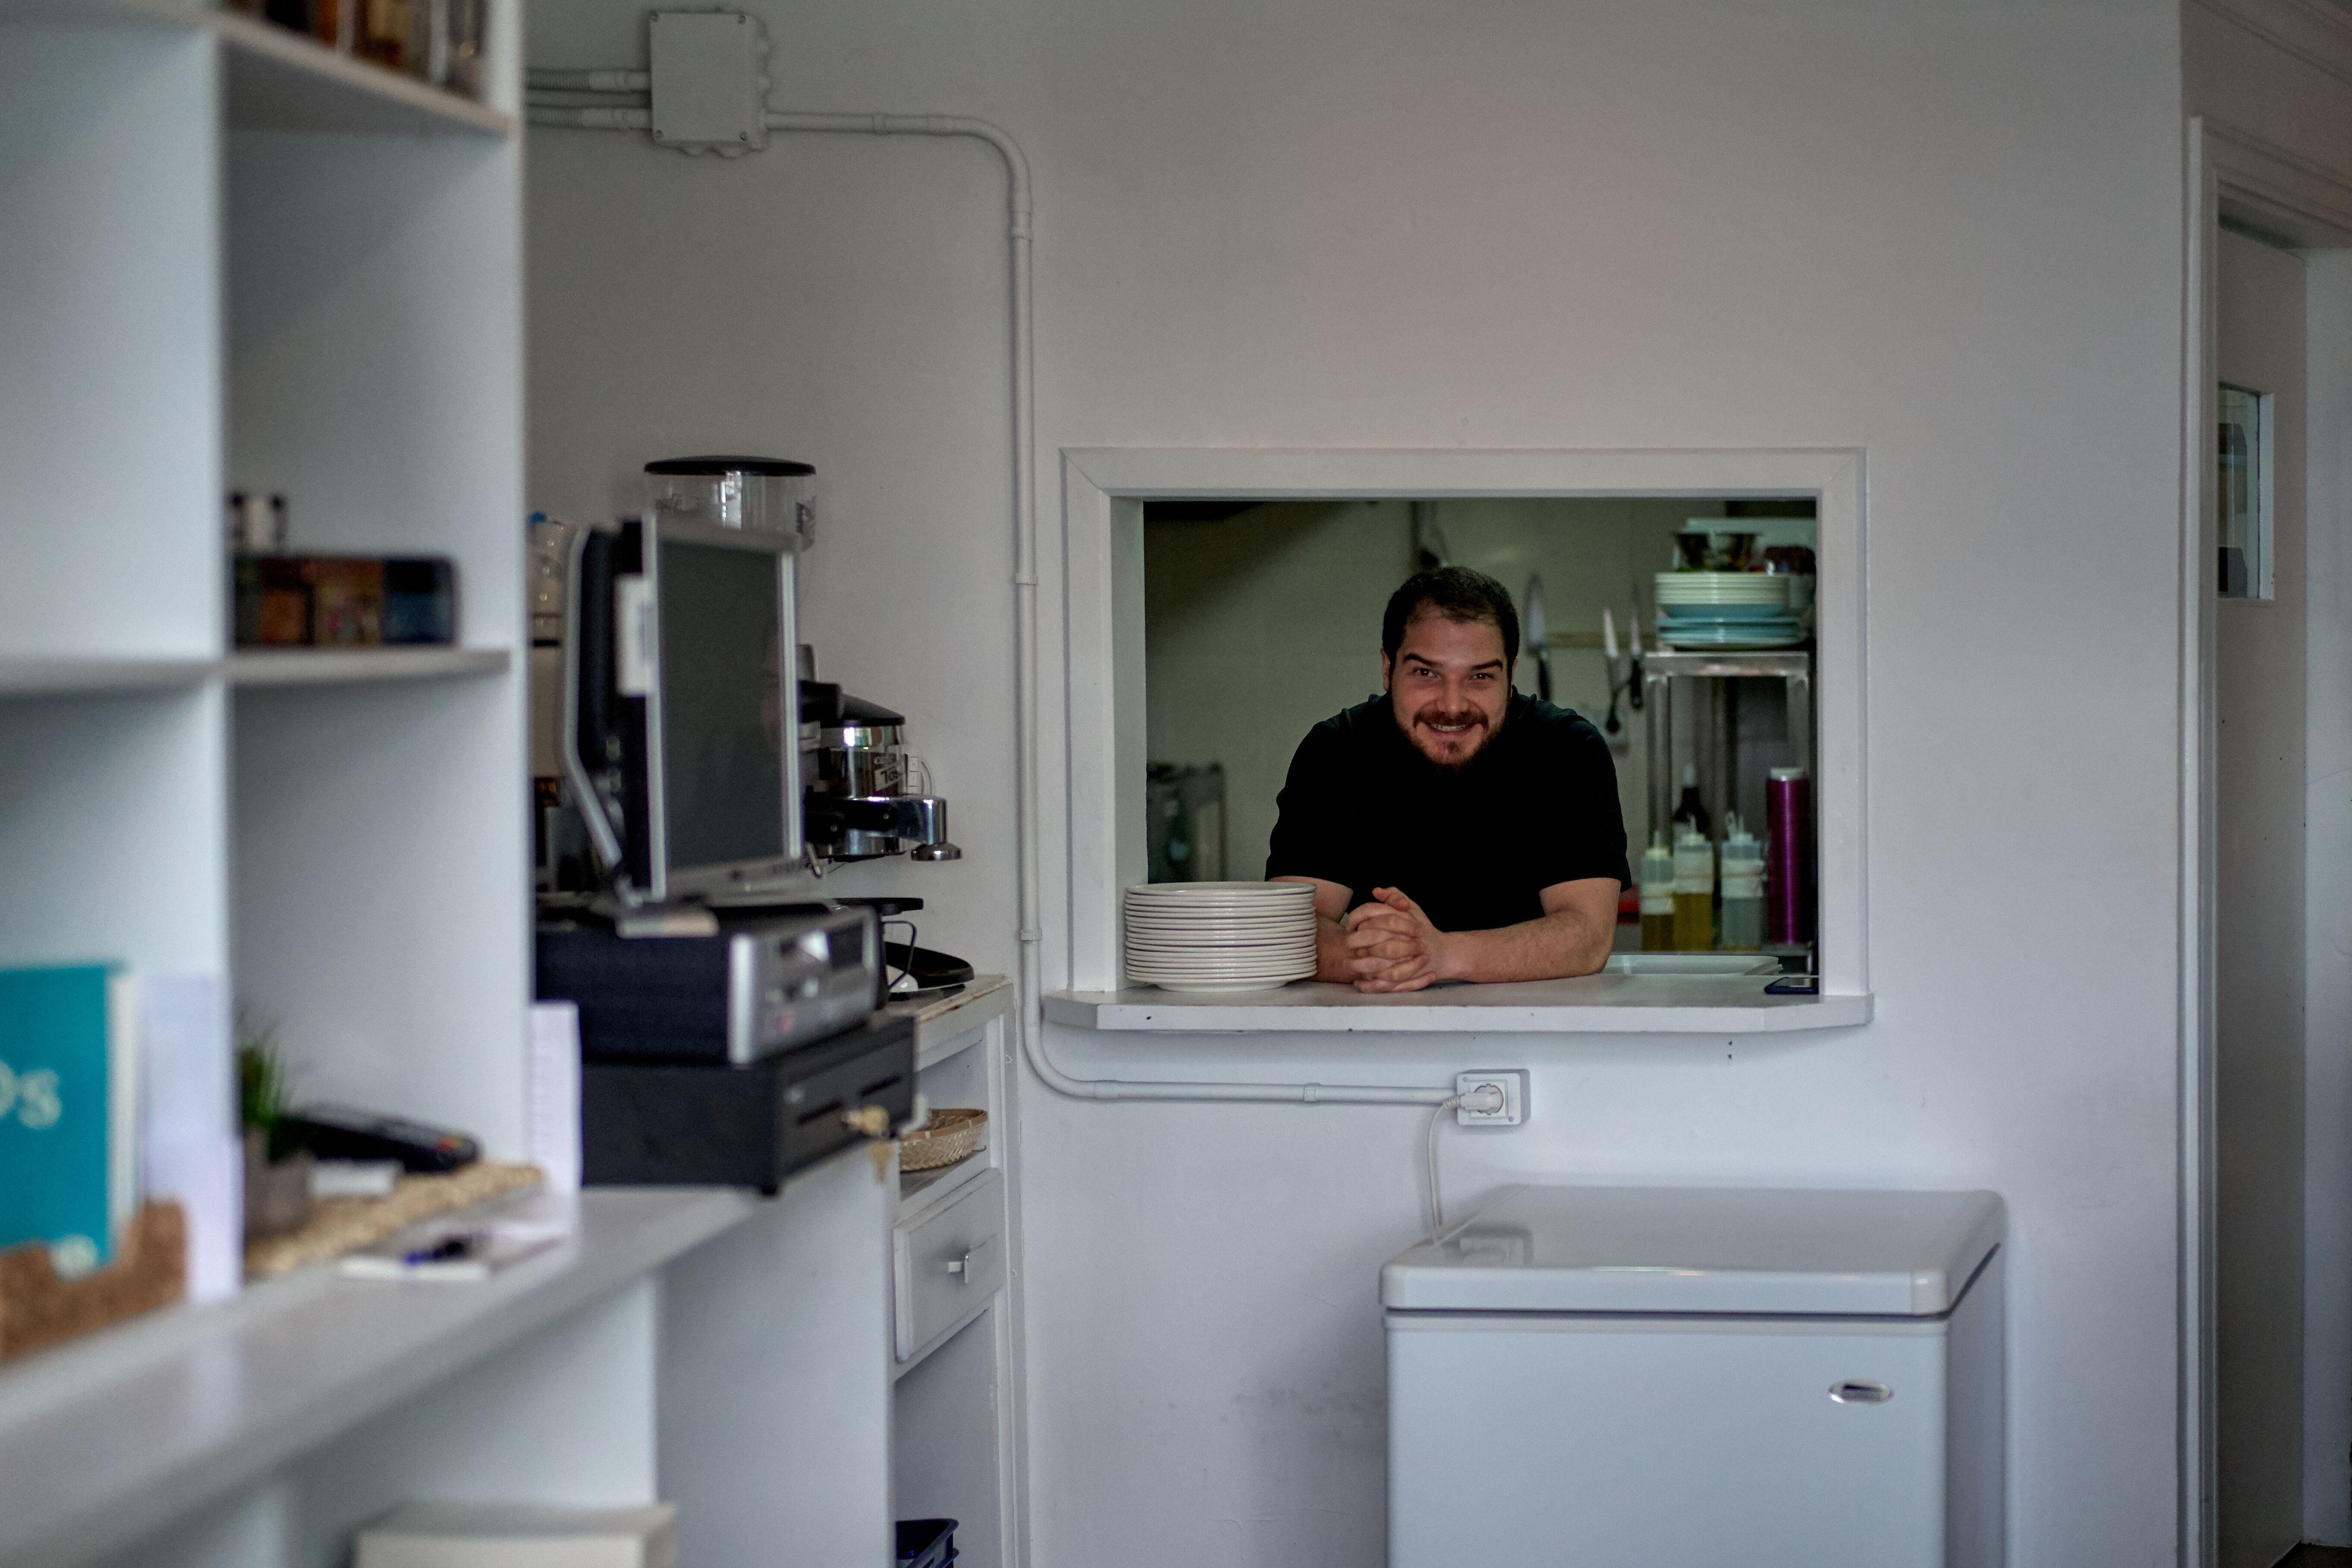 Restaurante de cocina tradicional casera en Gijón